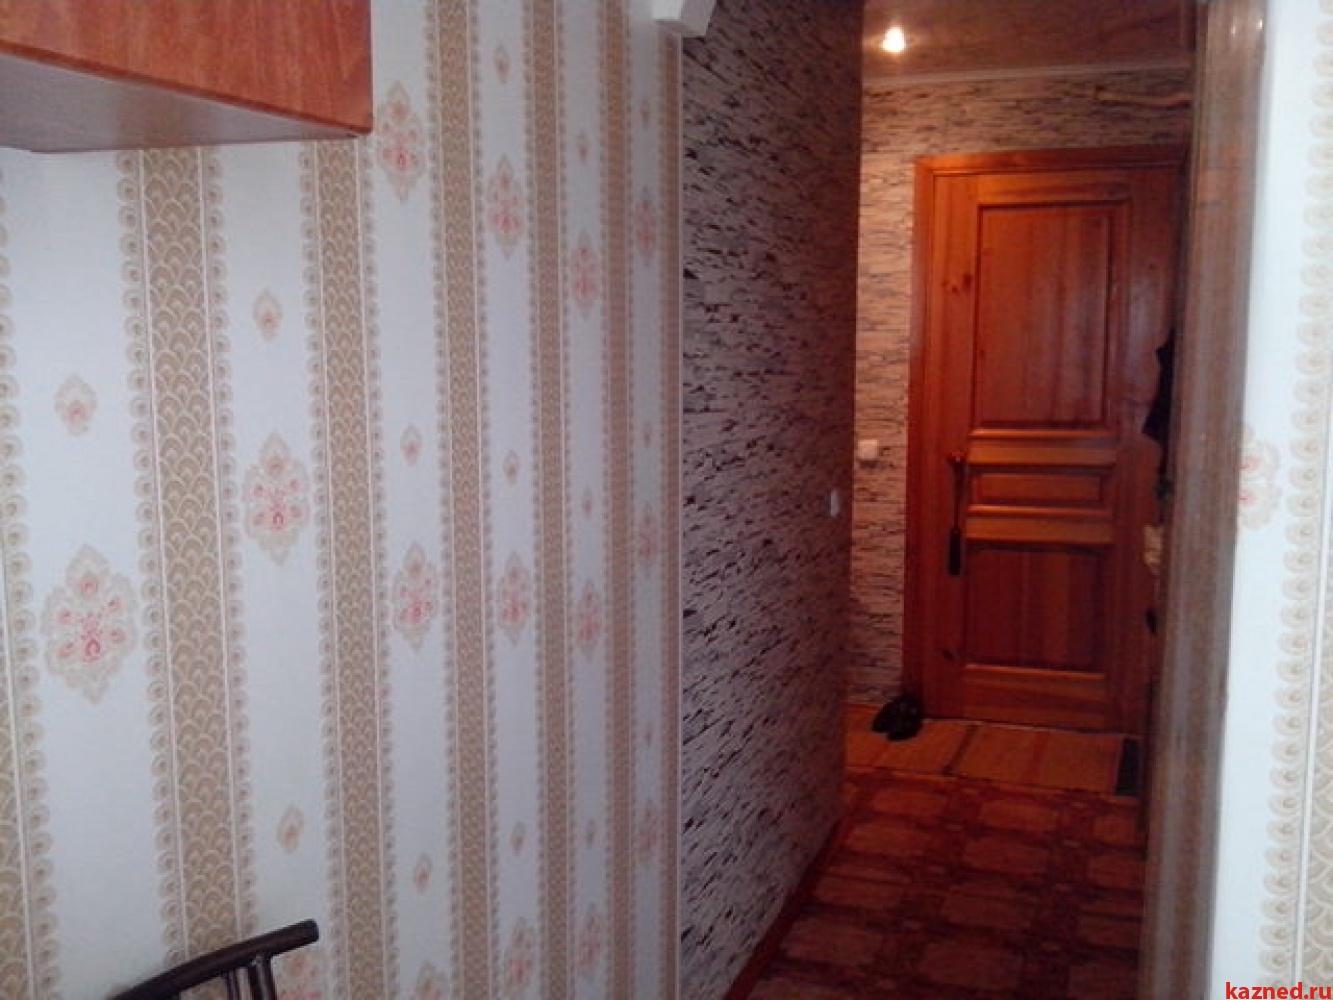 Продажа 3-к квартиры Юбилейная, 4, 56 м2  (миниатюра №4)